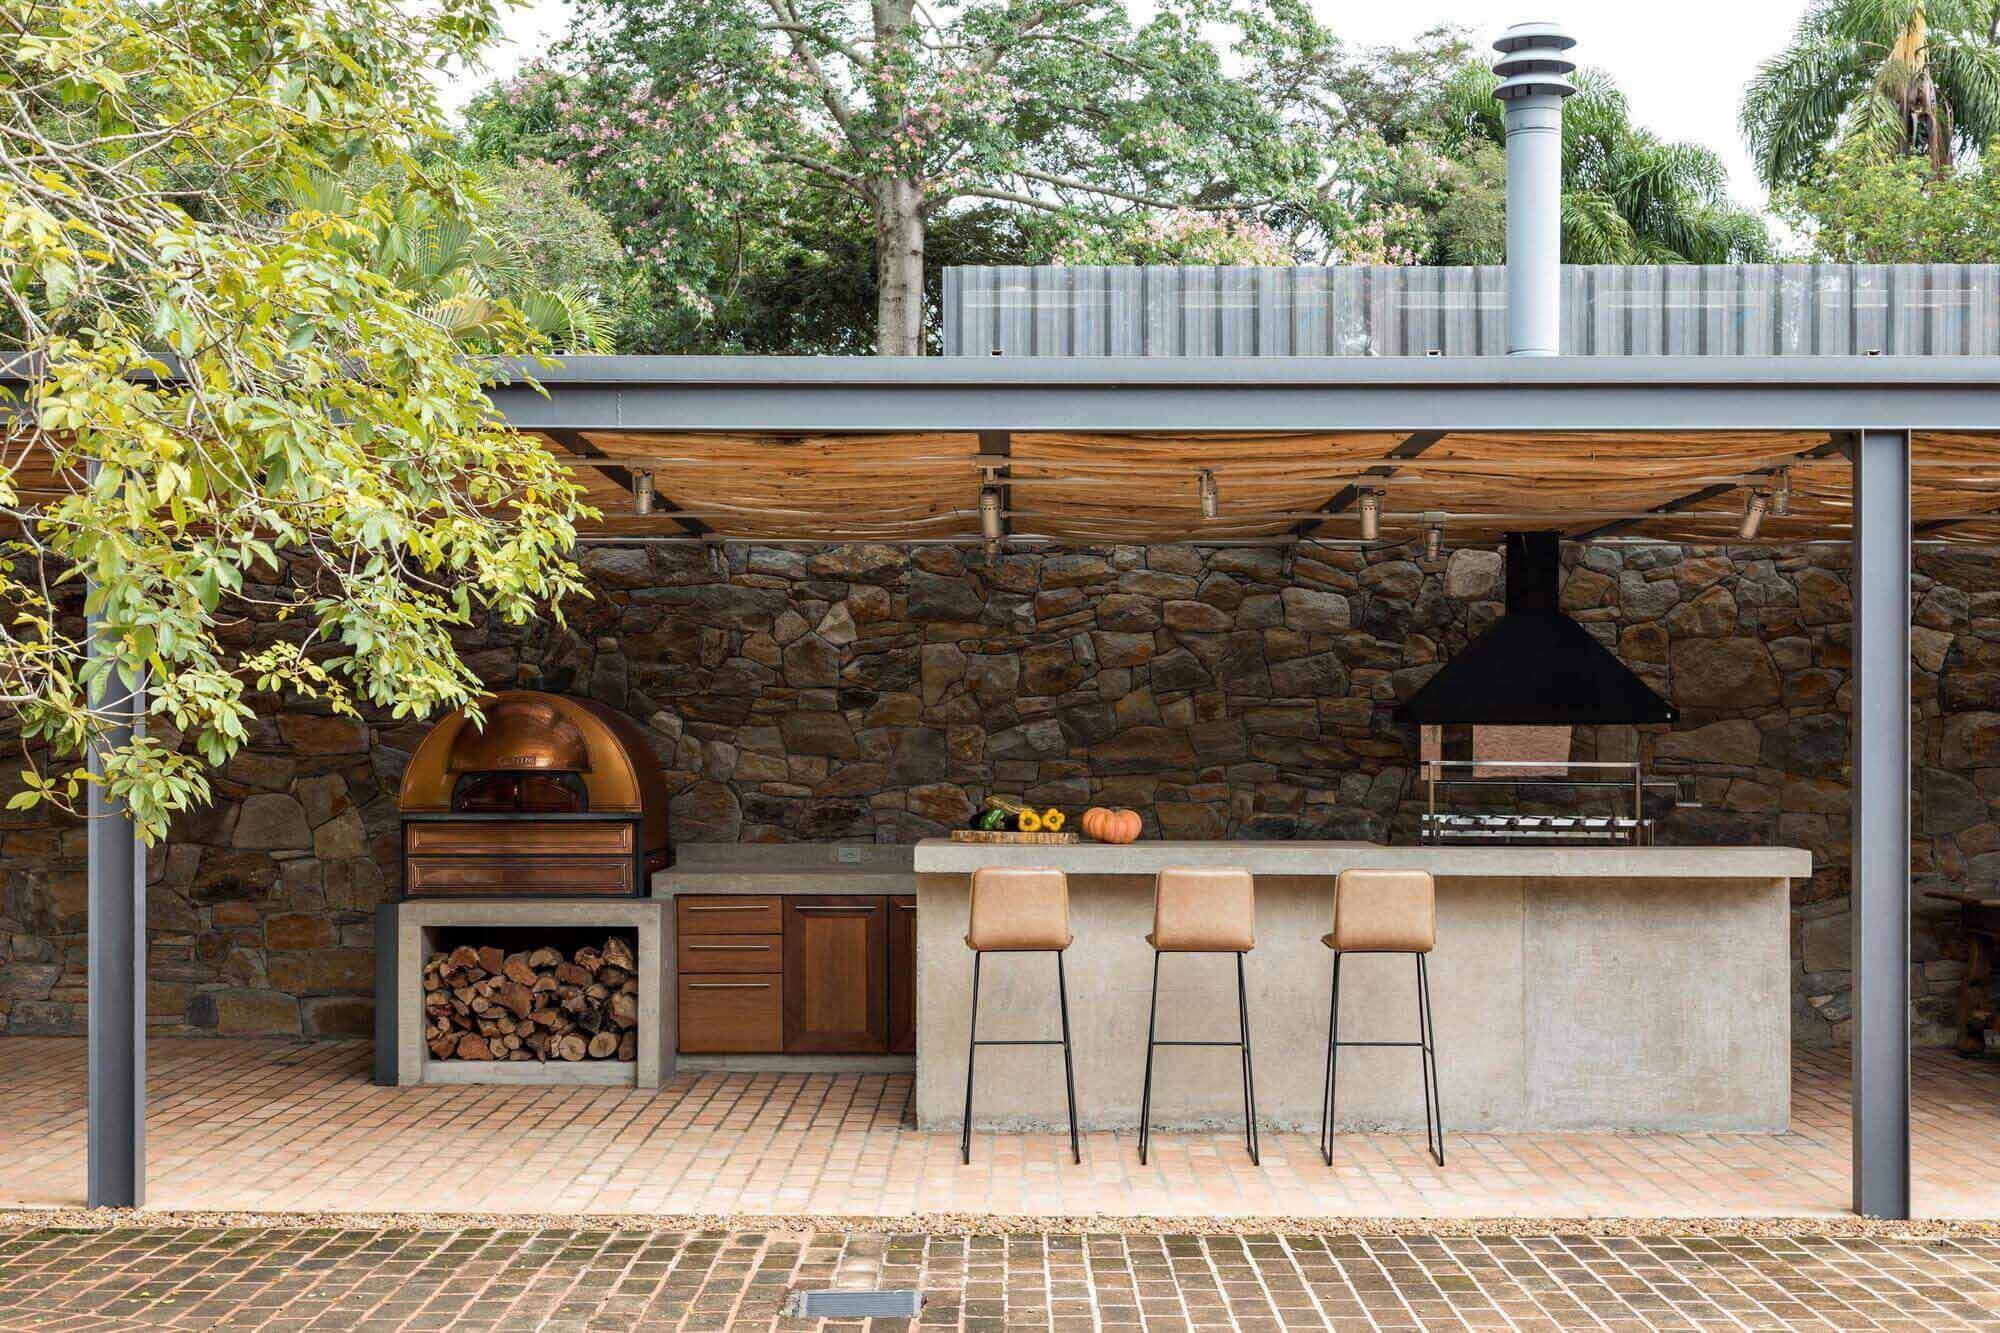 15 домов с собственными дровяными печами для пиццы